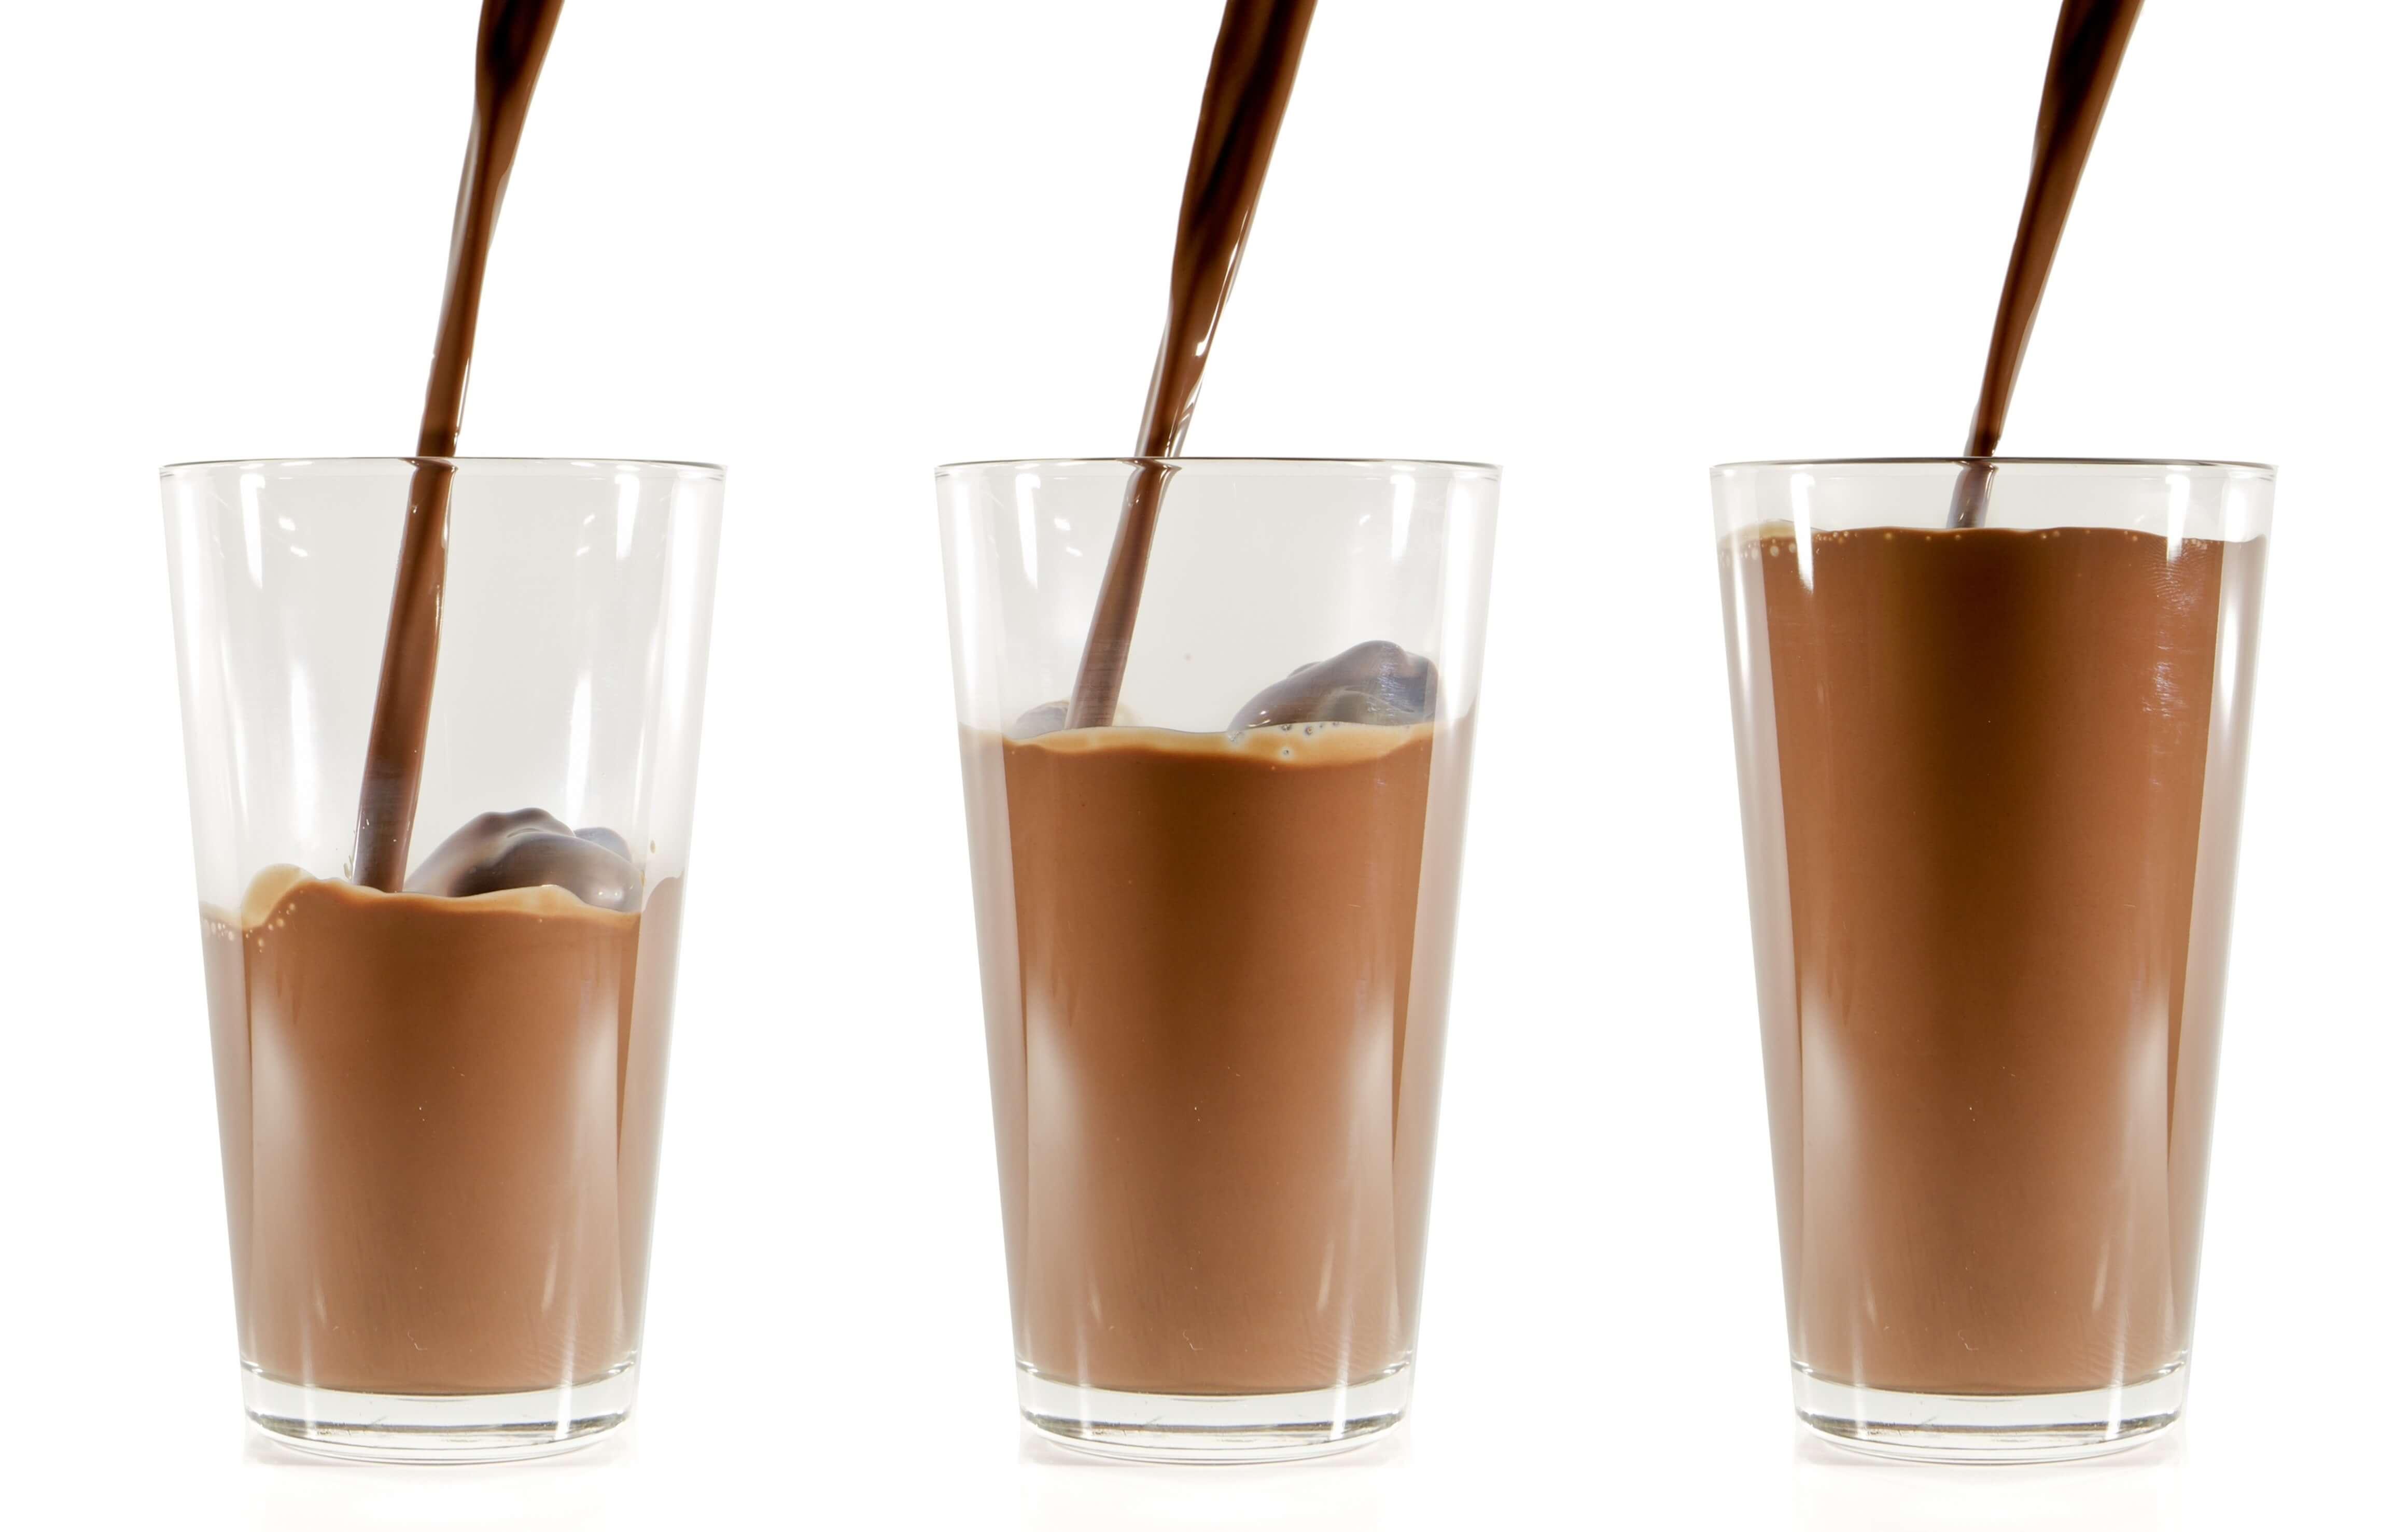 3つのグラス注がれるチョコミルク